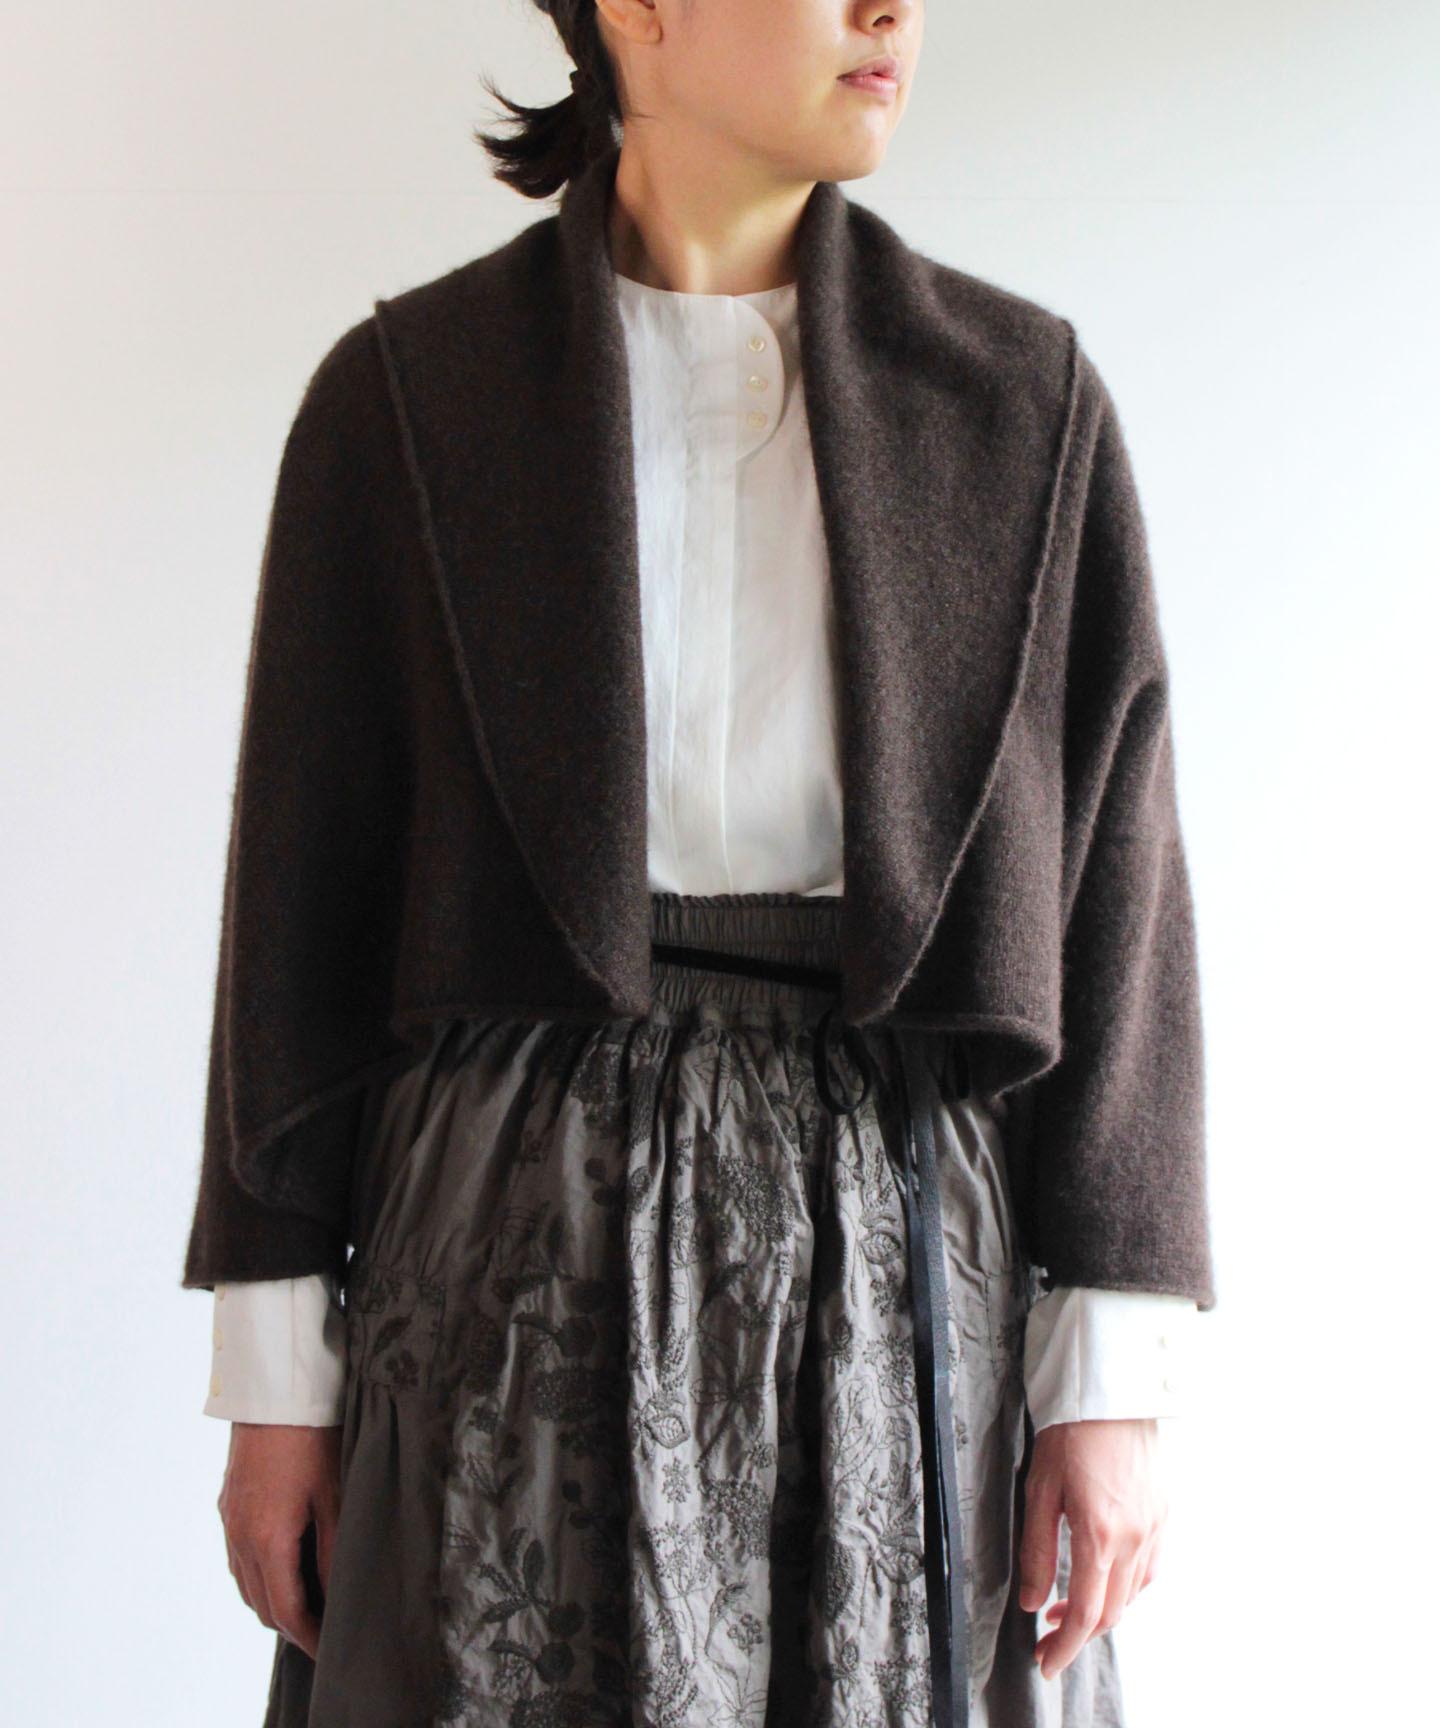 【予約販売】手編み機で編んだヤク糸(NO.21)の襟付きボレロ(YAA-416)